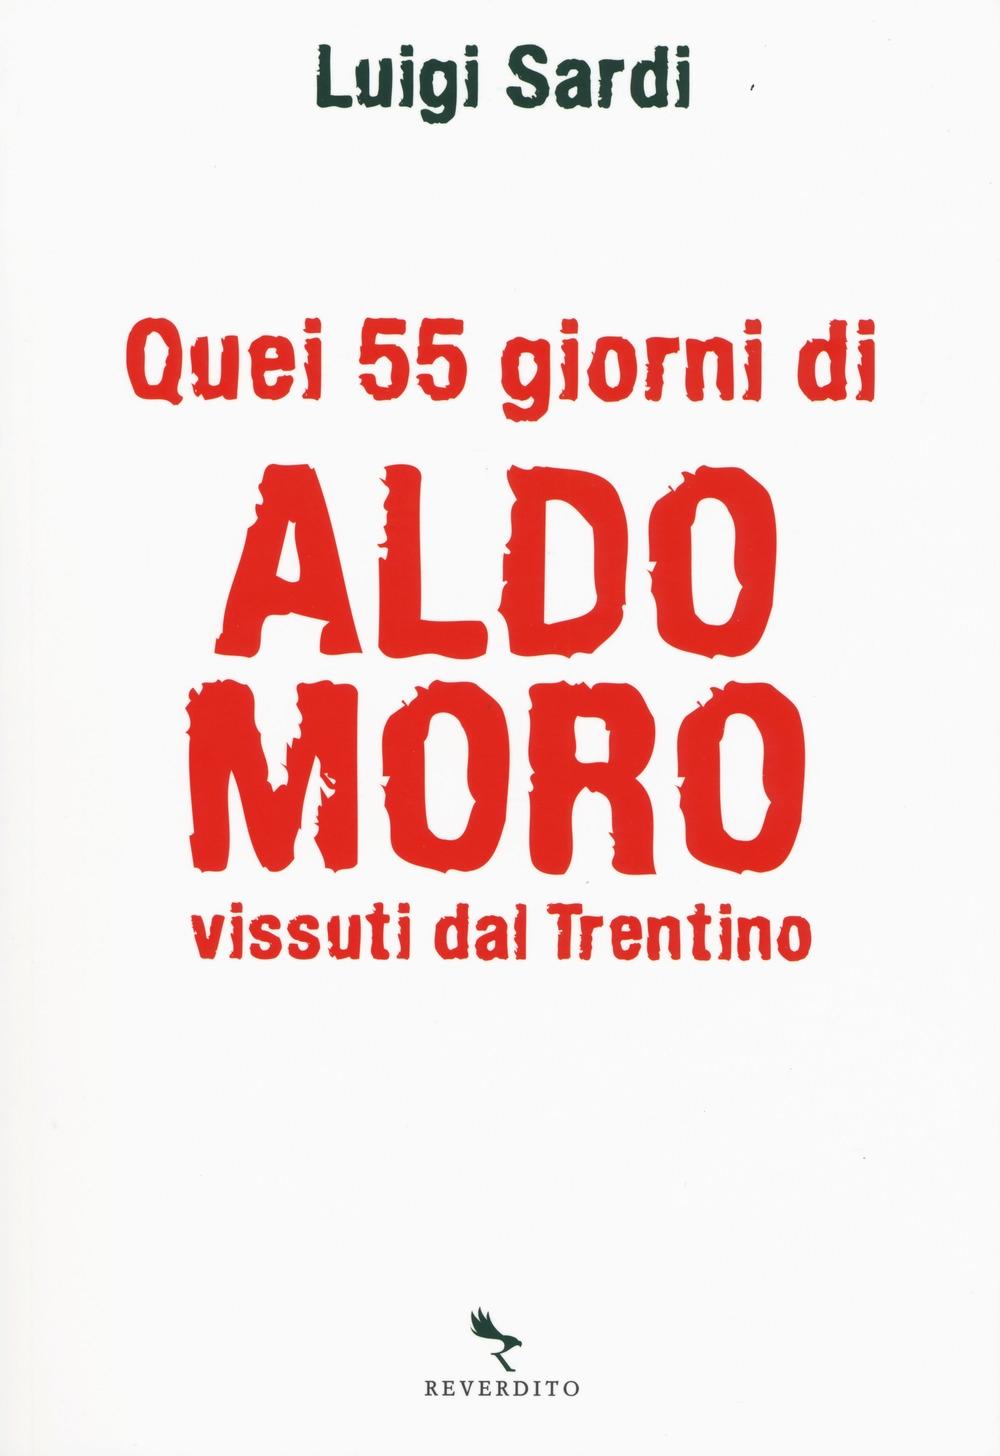 Quei 55 giorni di Aldo Moro vissuti dal Trentino